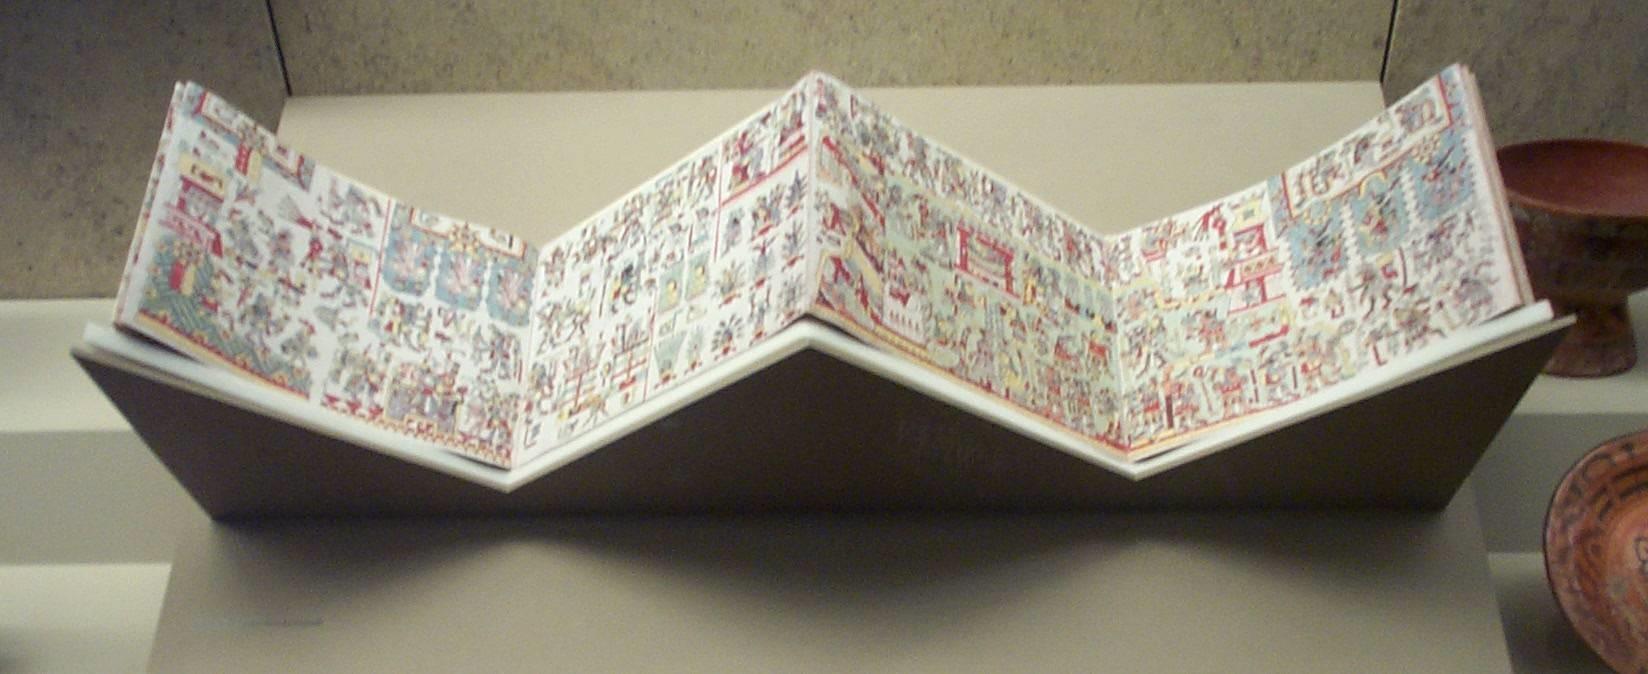 Fotografia do códice Zouche-Nuttal da era pré-colombiana exposto no Museu Britânico, em Londres. Fonte: Wikipedia.